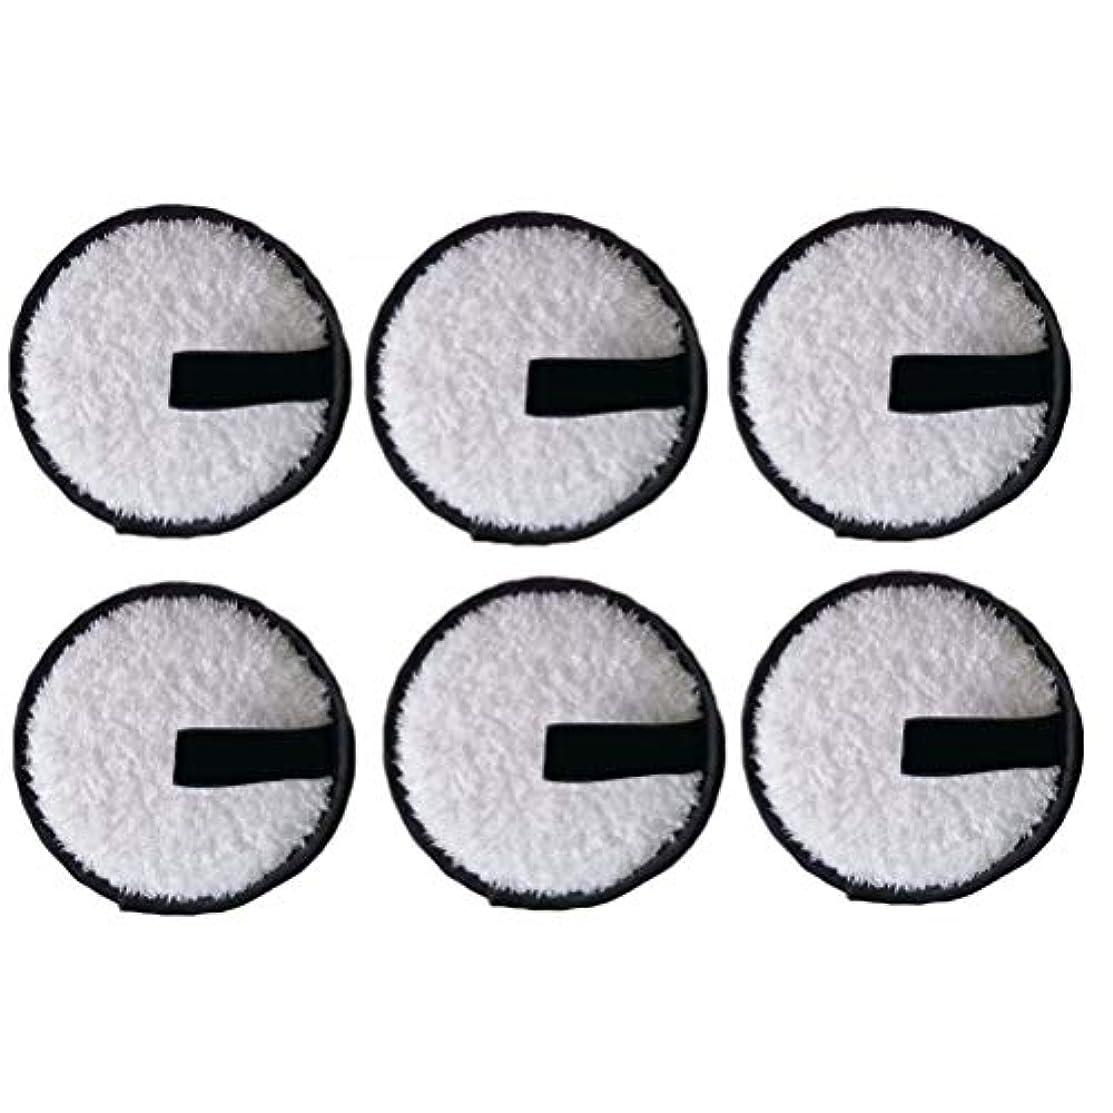 圧倒する追放心からLURROSE 6本洗顔パウダーパフ洗顔パウダーパフファッションメイク落とし圧縮パッド(黒)